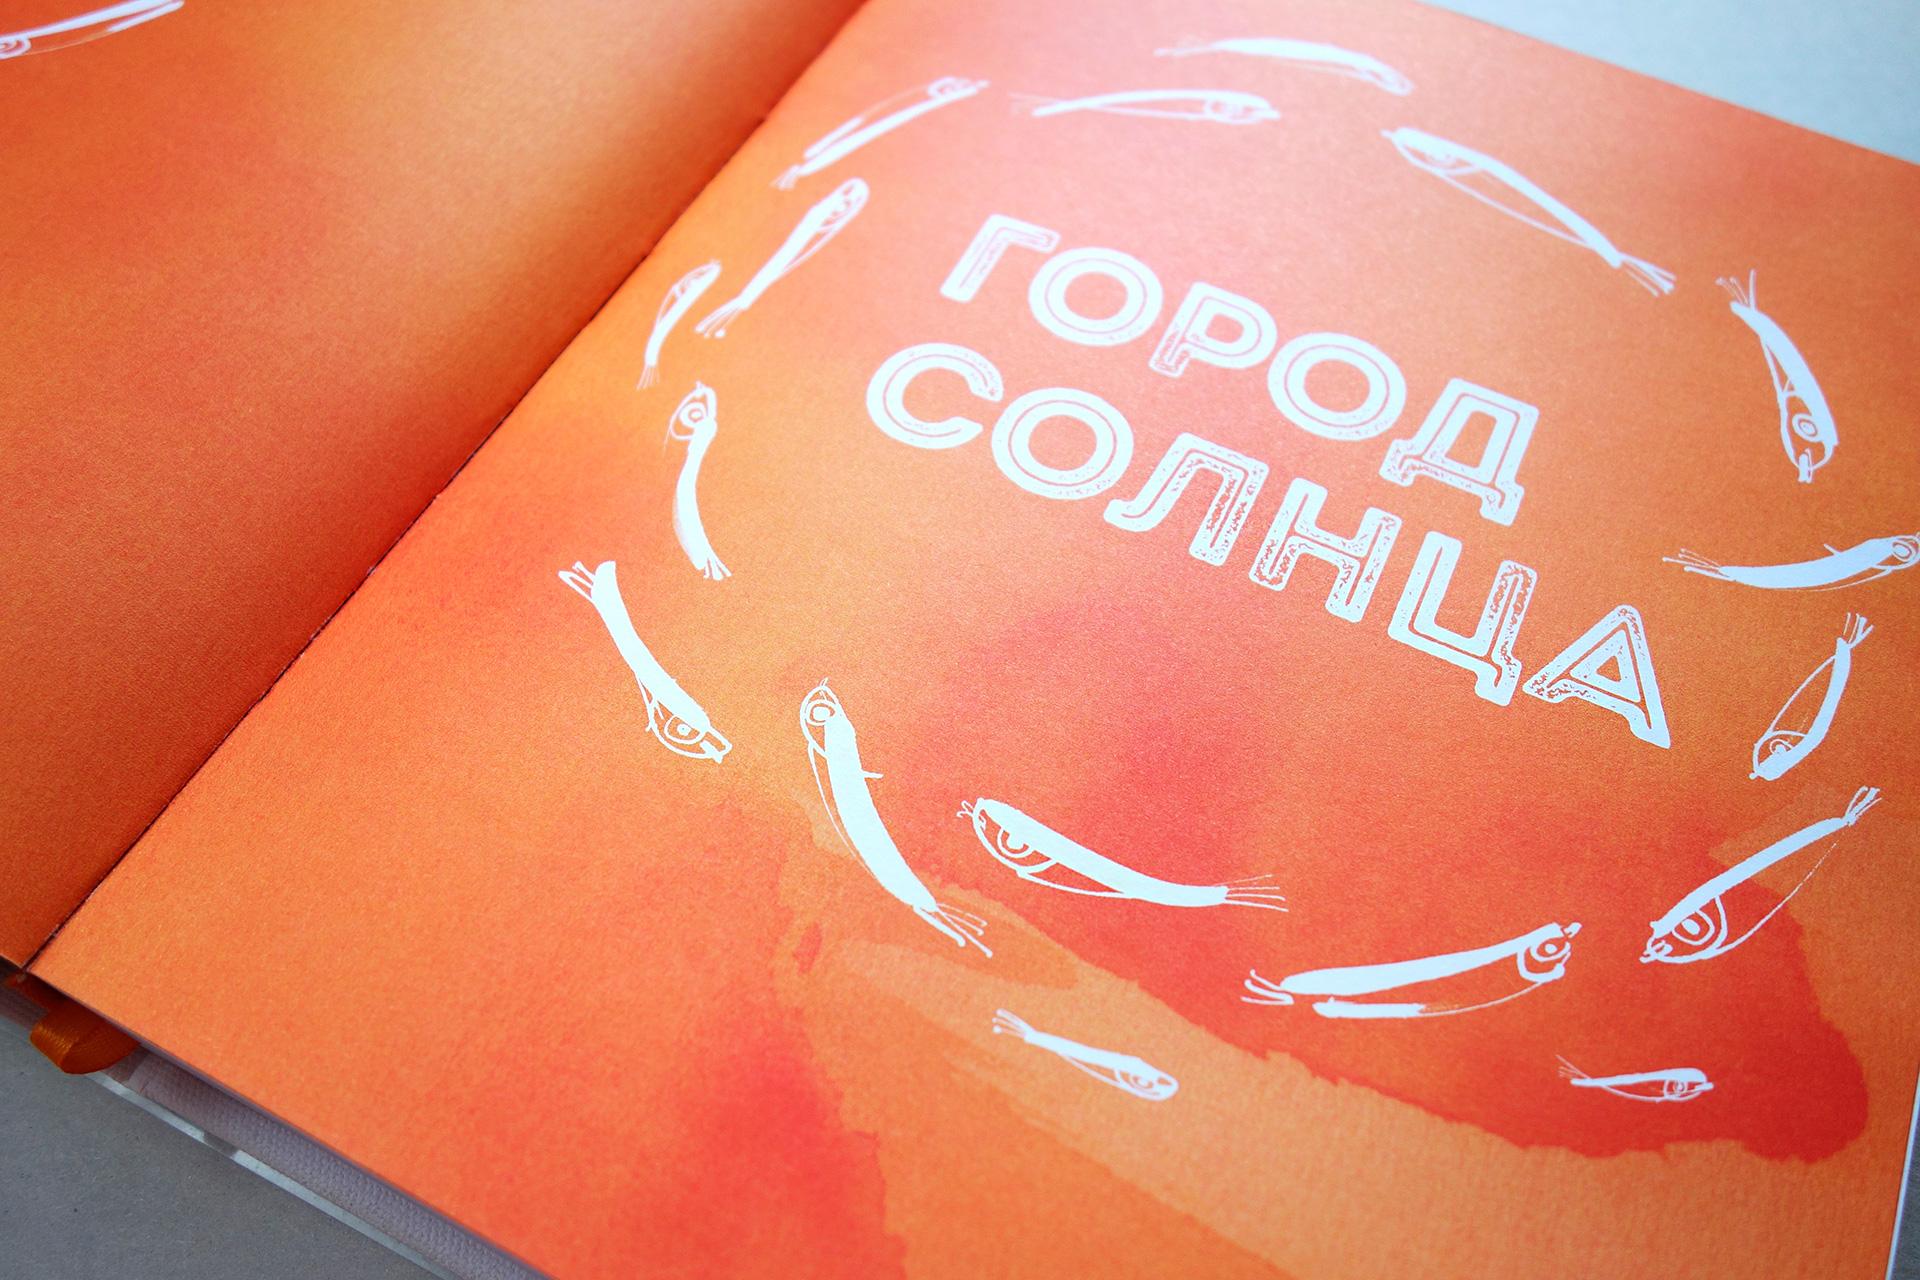 Агентство Asgard Branding, юбилейный альбом, дизайн, печать, печатные издания, дизайн книги, Георгий Голубенко